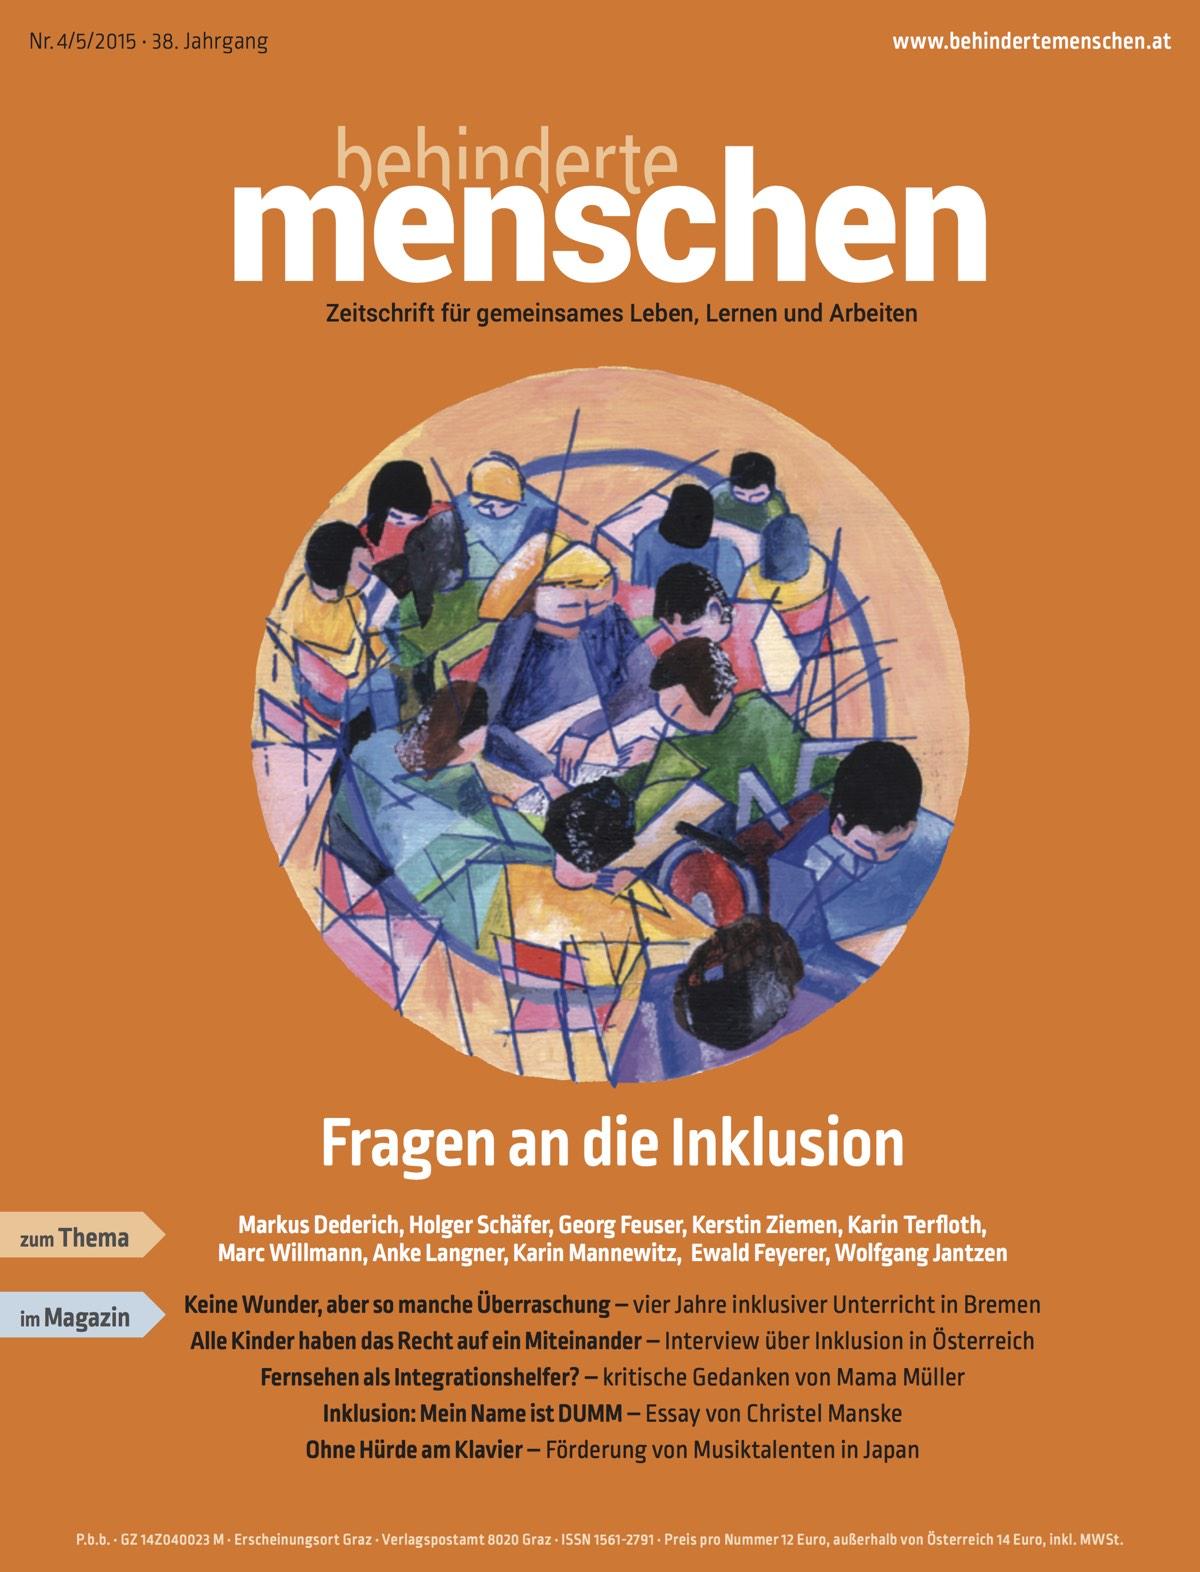 """Titelbild der Zeitschrift BEHINDERTE MENSCHEN, Ausgabe 4/5/2015 """"Fragen an die Inklusion"""""""